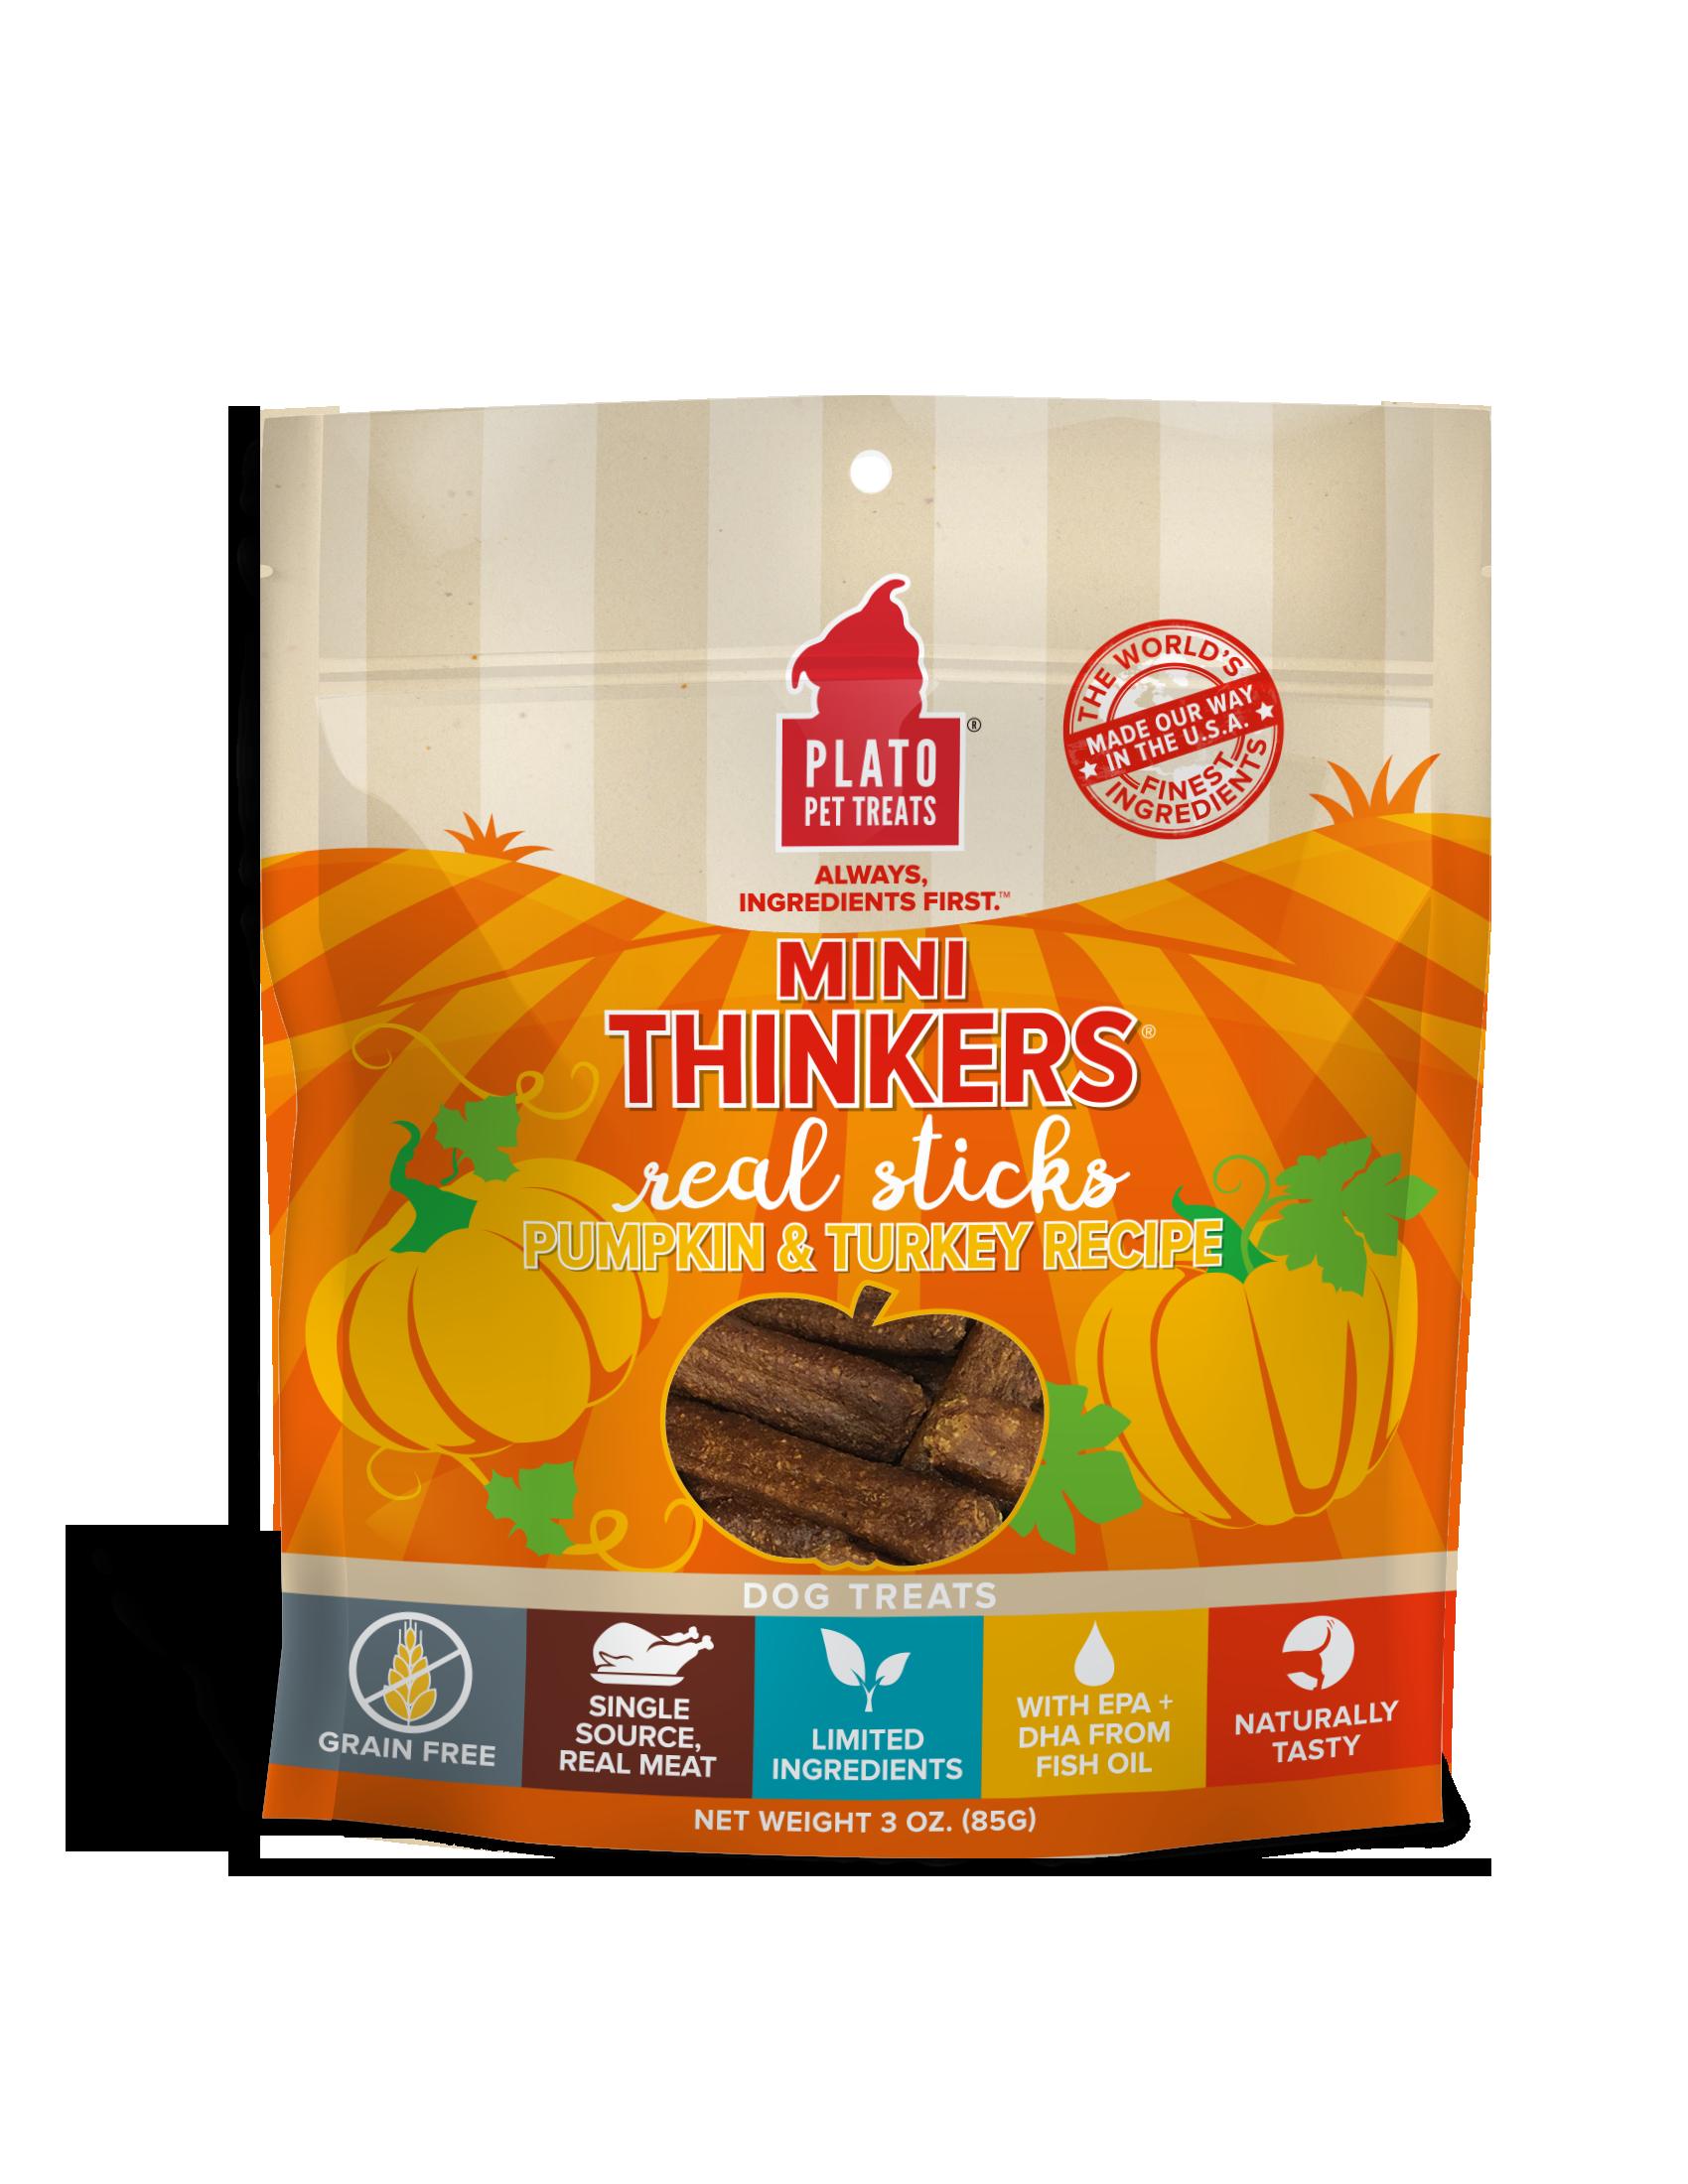 Plato Mini Thinkers Pumpkin & Turkey Recipe Grain-Free Dog Treats, 6-oz